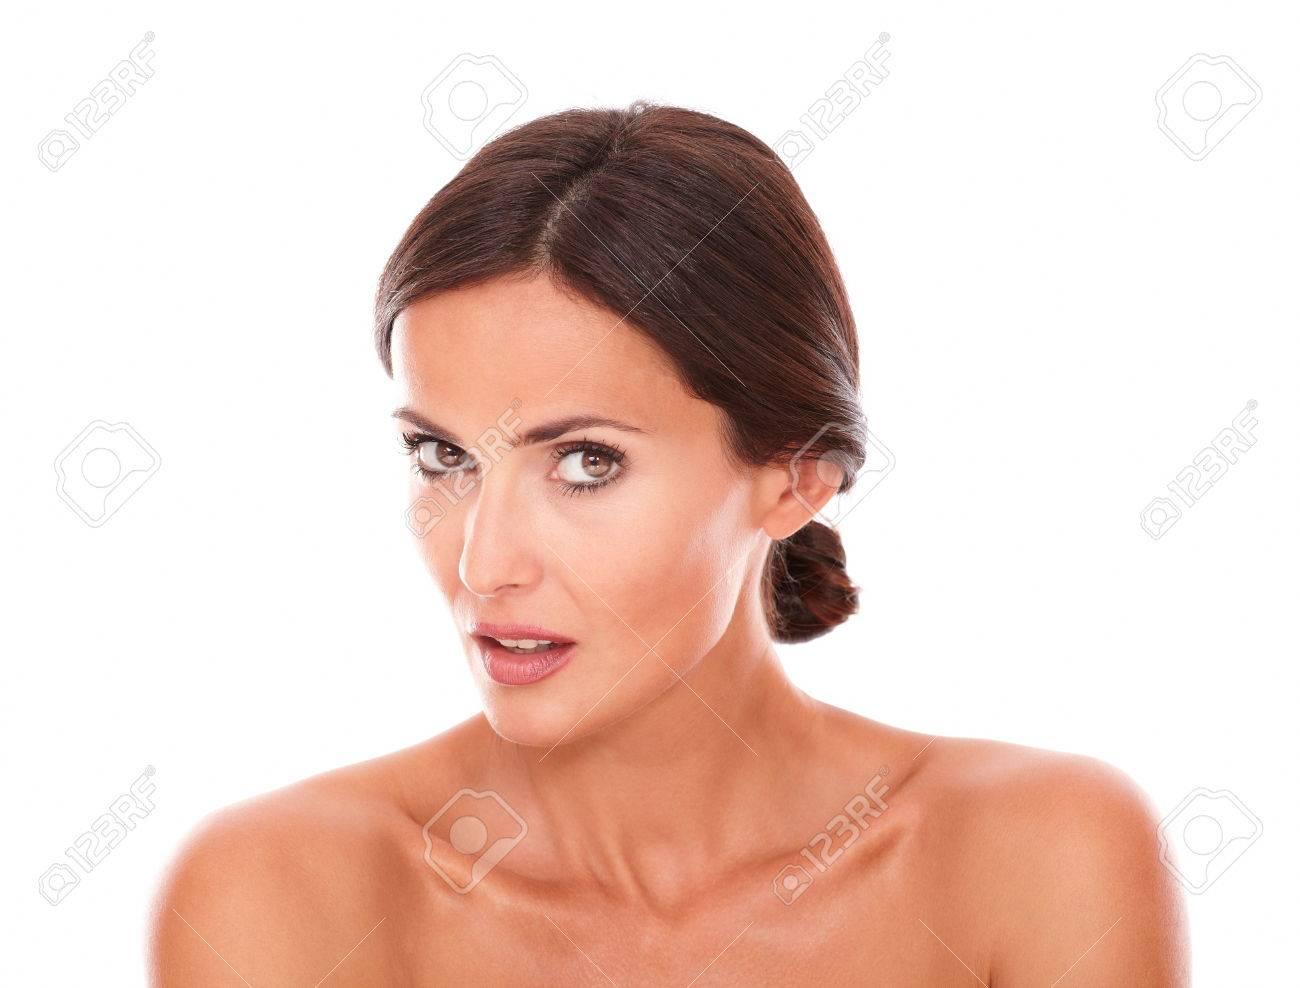 young hispanic nude